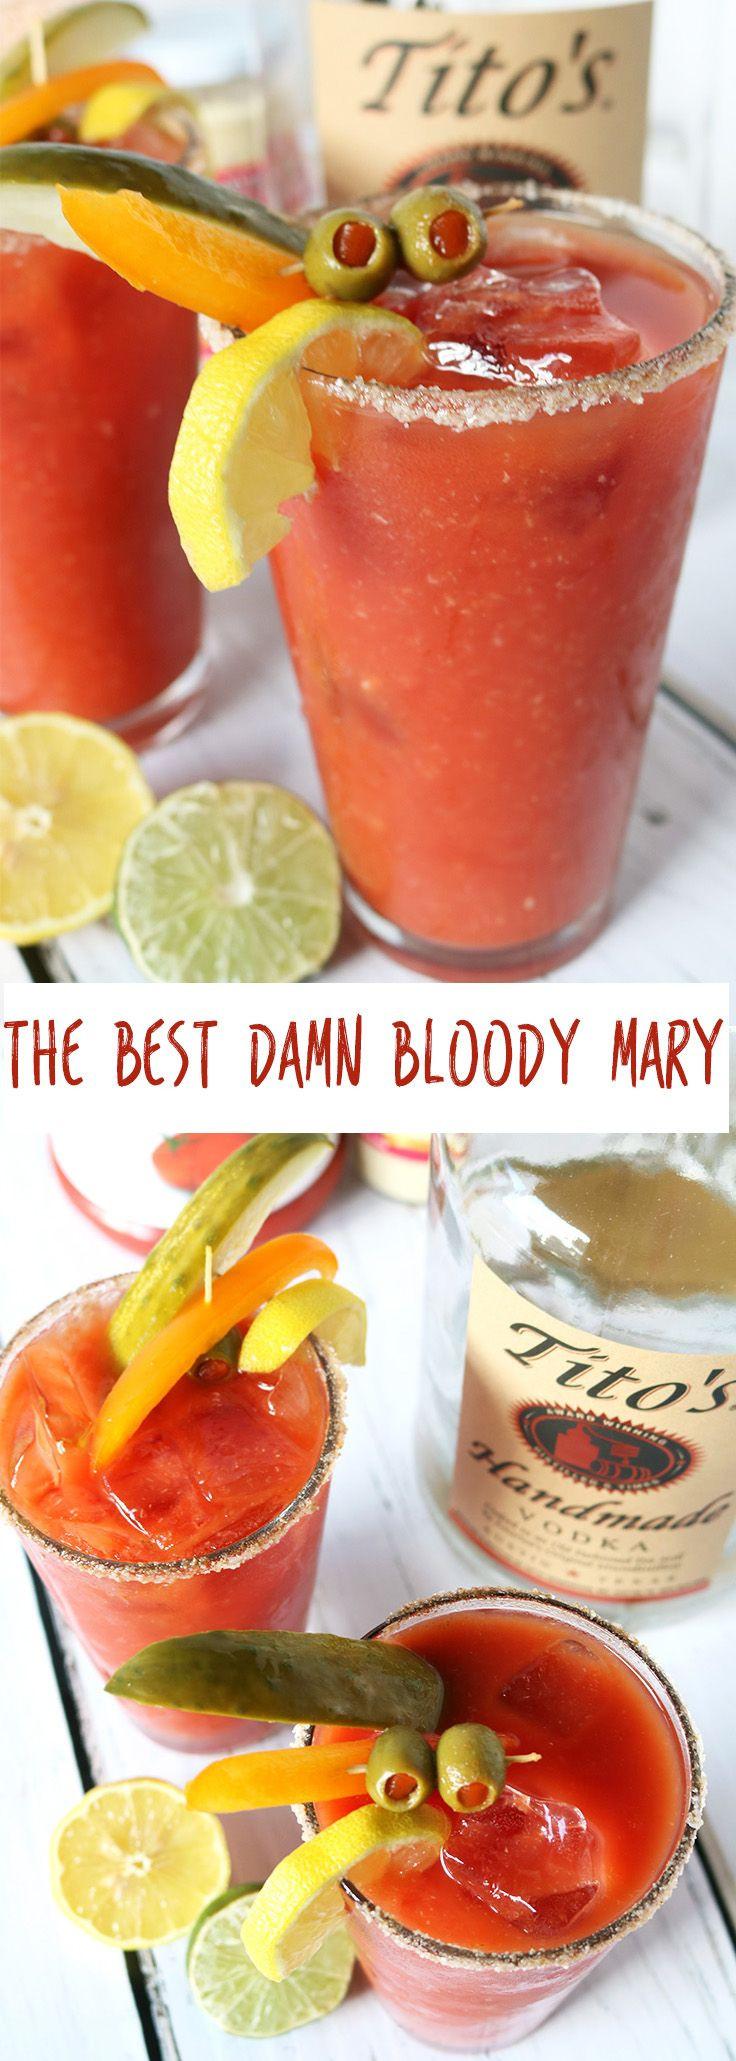 Breakfast Alcoholic Drinks  Best 20 Best bloody mary recipe ideas on Pinterest